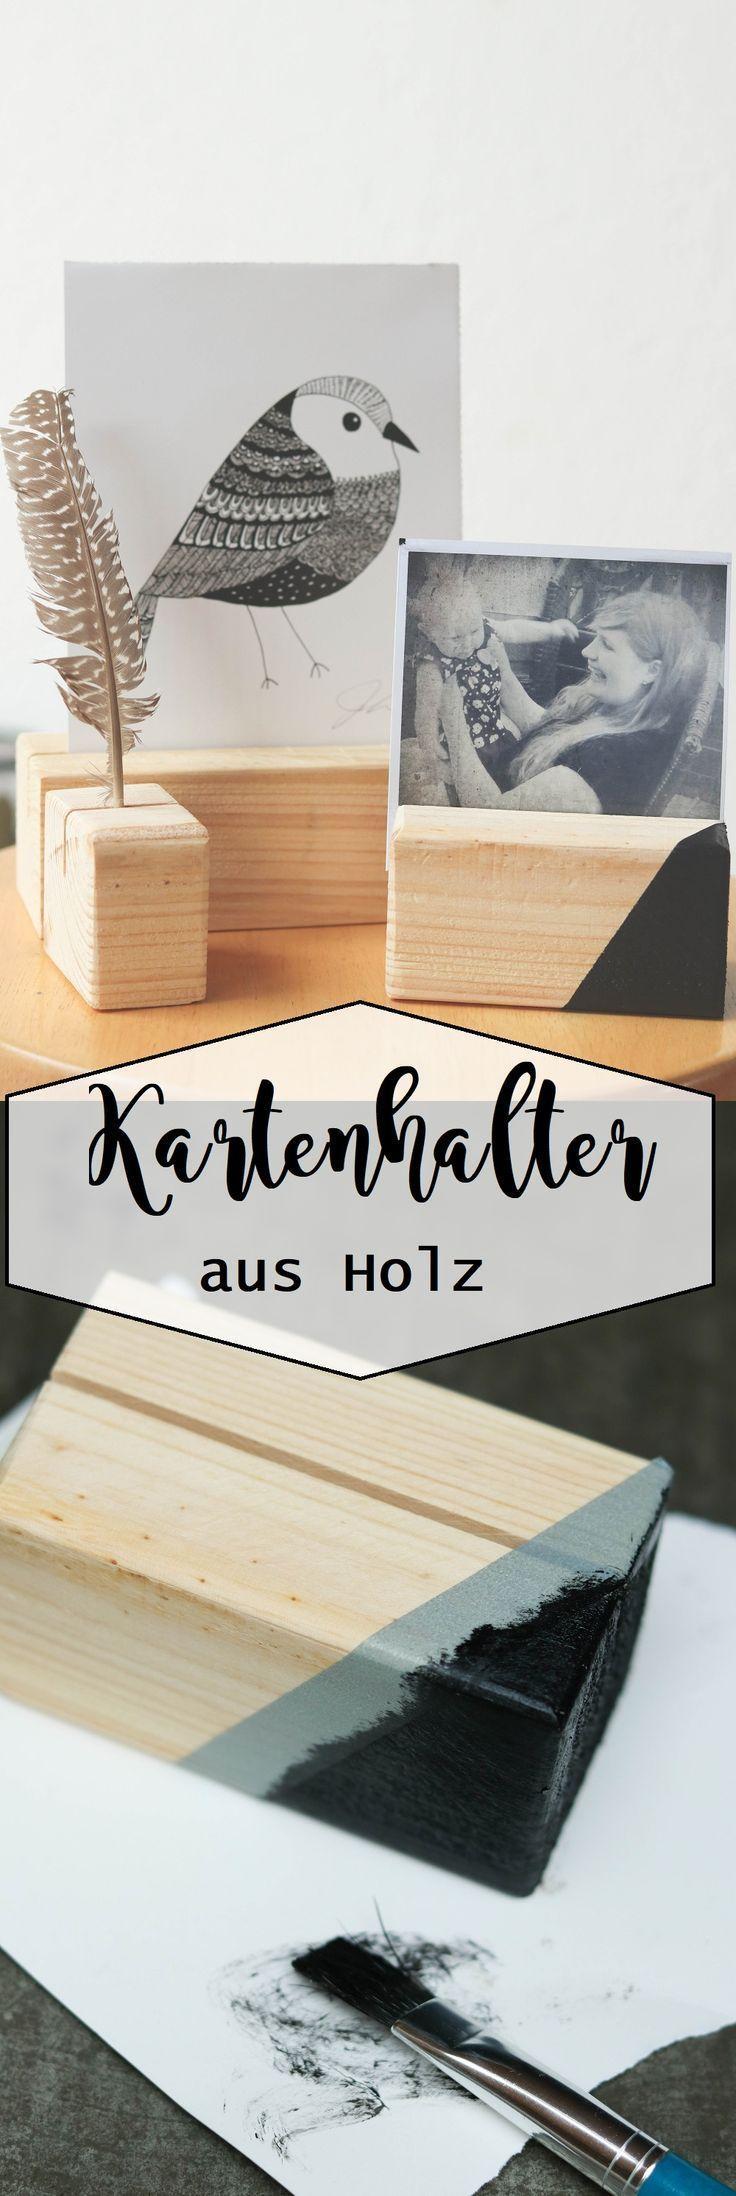 Kartenhalter Aus Holz (Mit Bildern)   Diy Sachen innen Holzarbeiten Mit Kindern Anleitungen